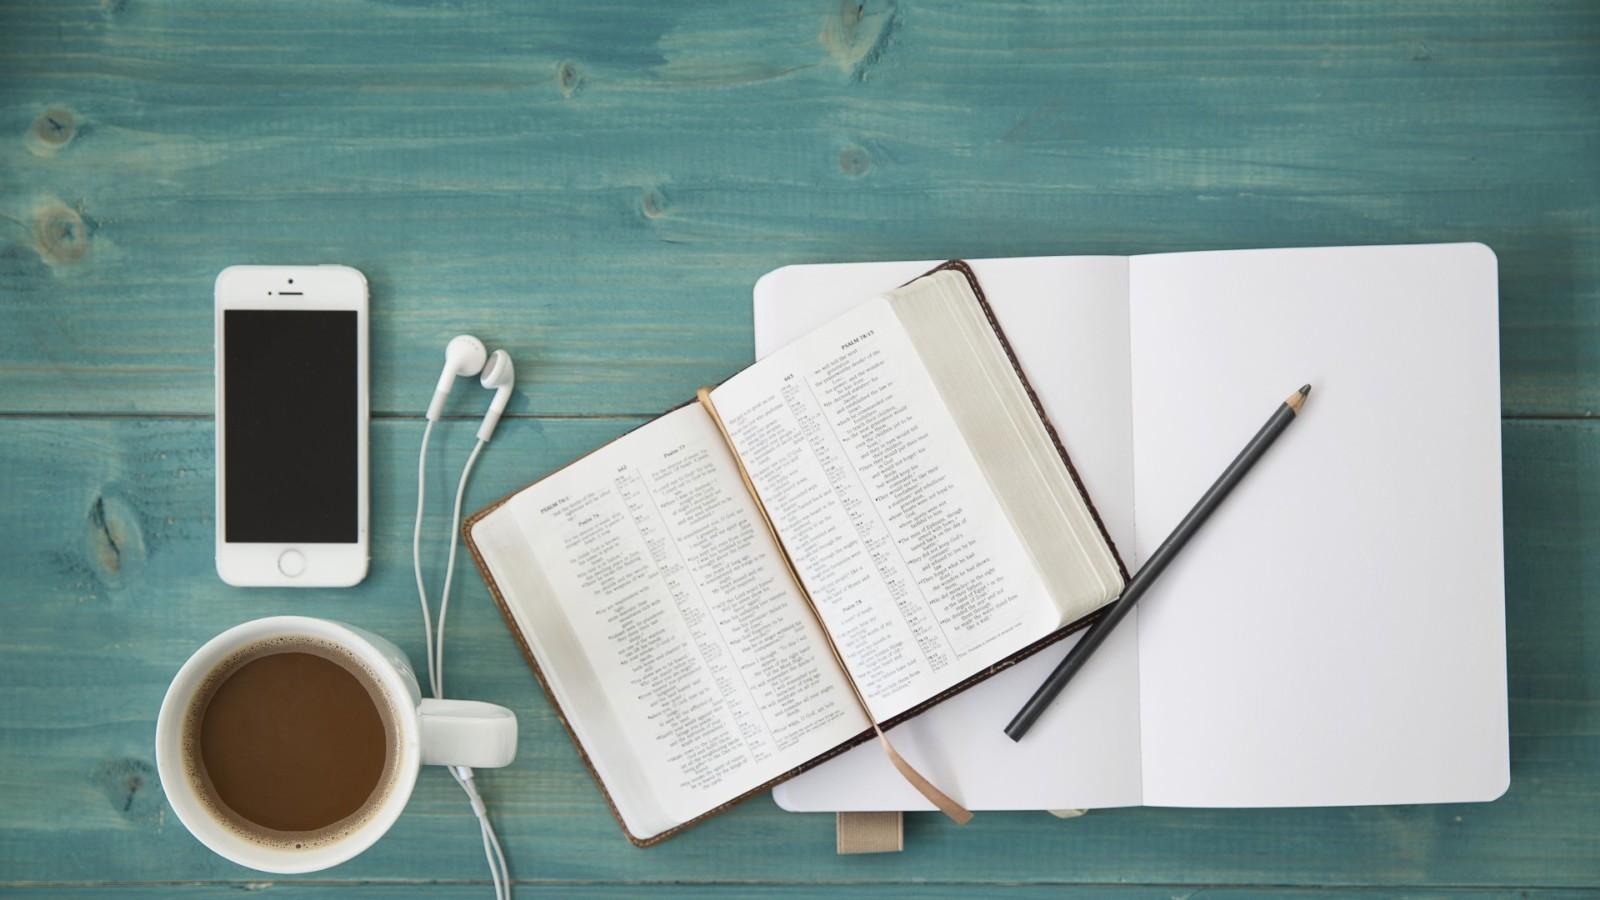 Корейский язык как писать и читать по-корейски